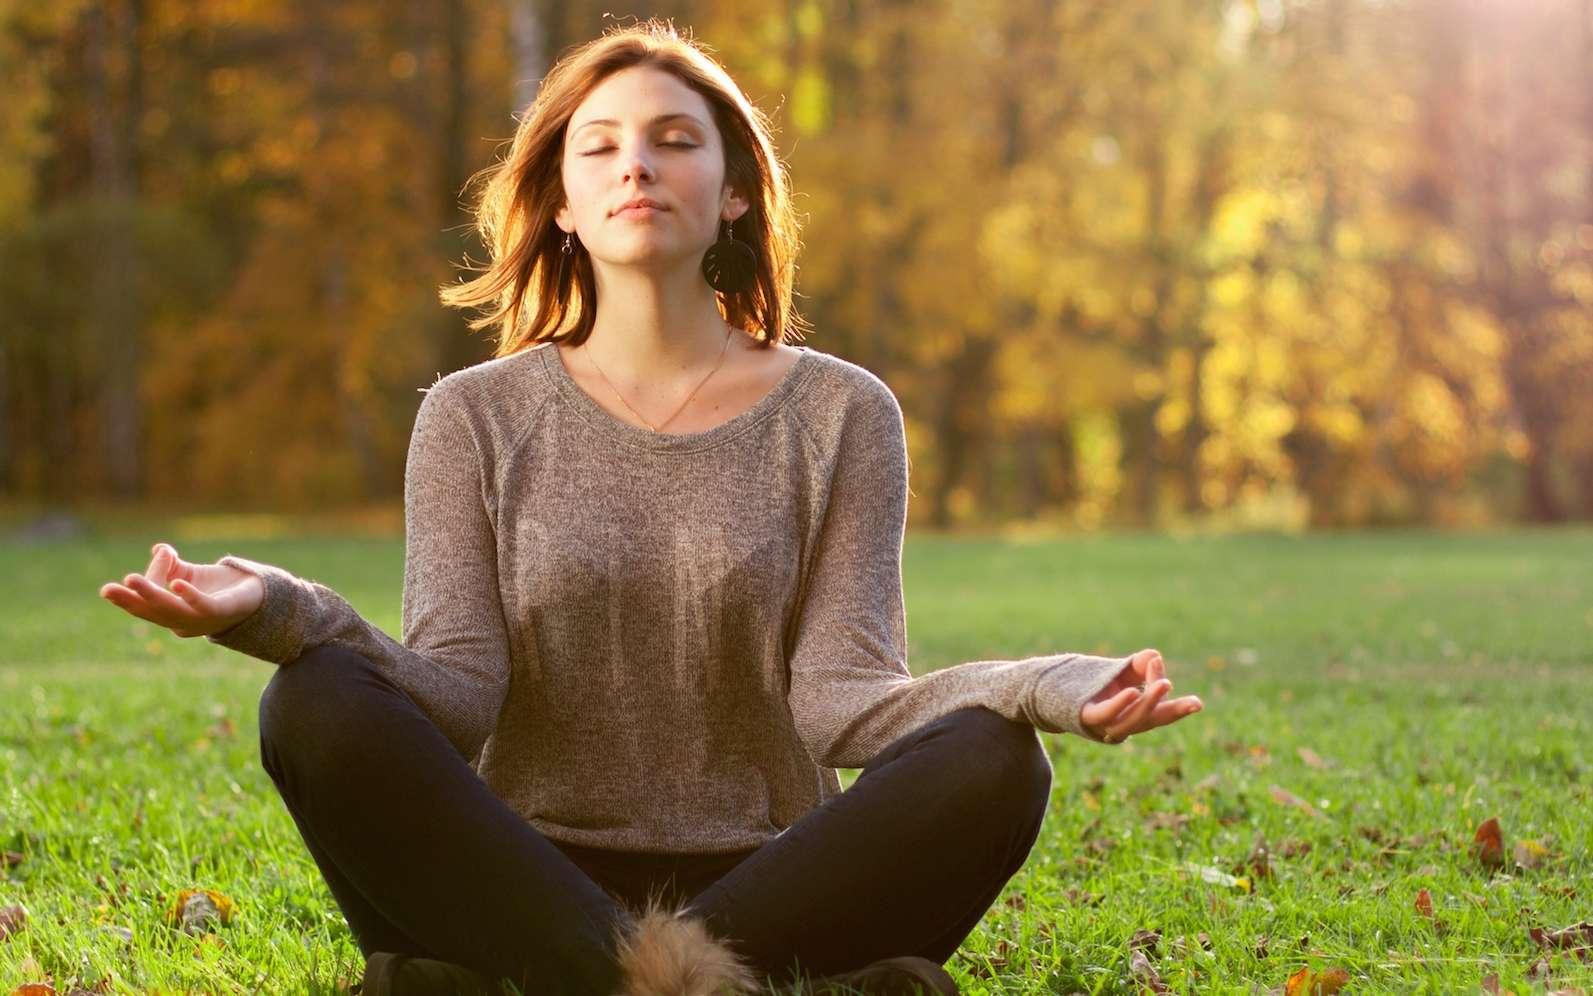 Quels sont les bienfaits de la méditation ? Après cinq séances de vingt minutes, la plupart des « méditants » ont remarqué une diminution de leur niveau de stress, d'anxiété, de dépression, de colère et de fatigue. © Evdokimov Maxim, shutterstock.com